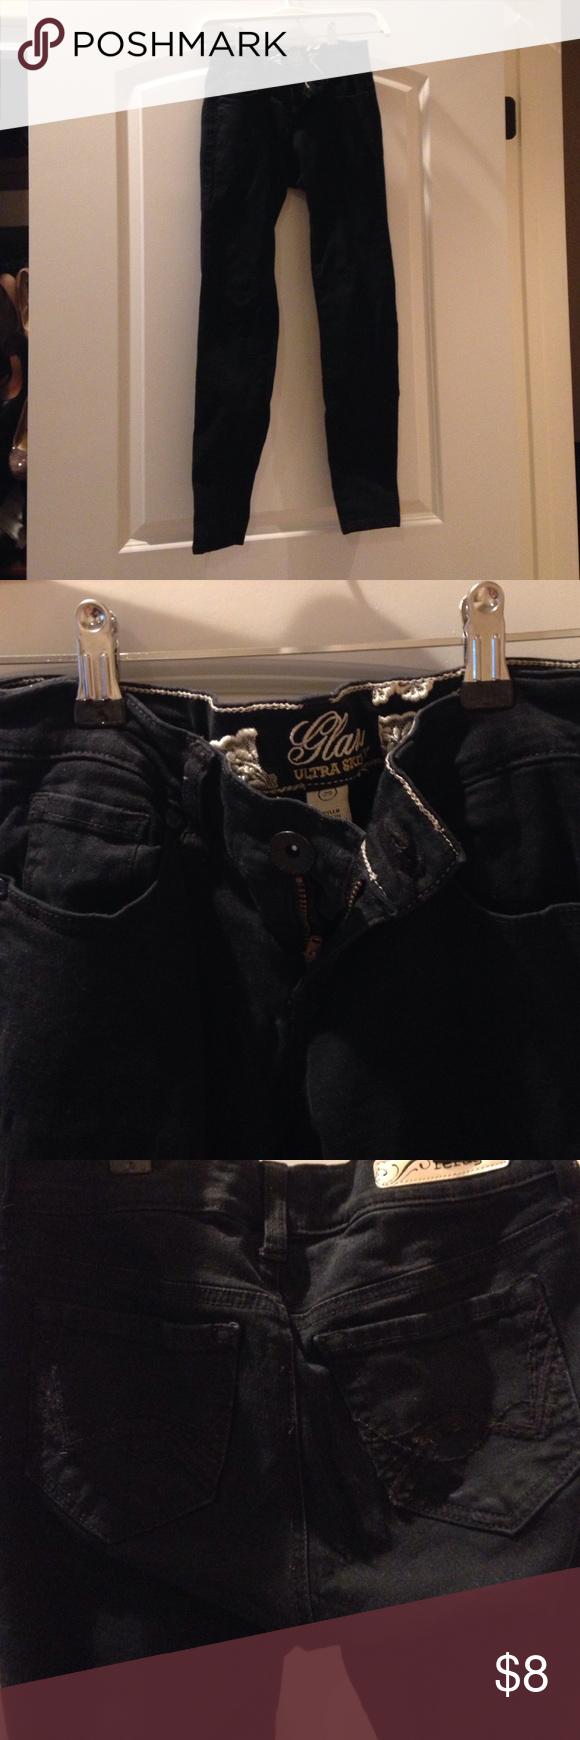 Black refuge skinny jeans Black skinny jeans, refuge refuge Jeans Skinny